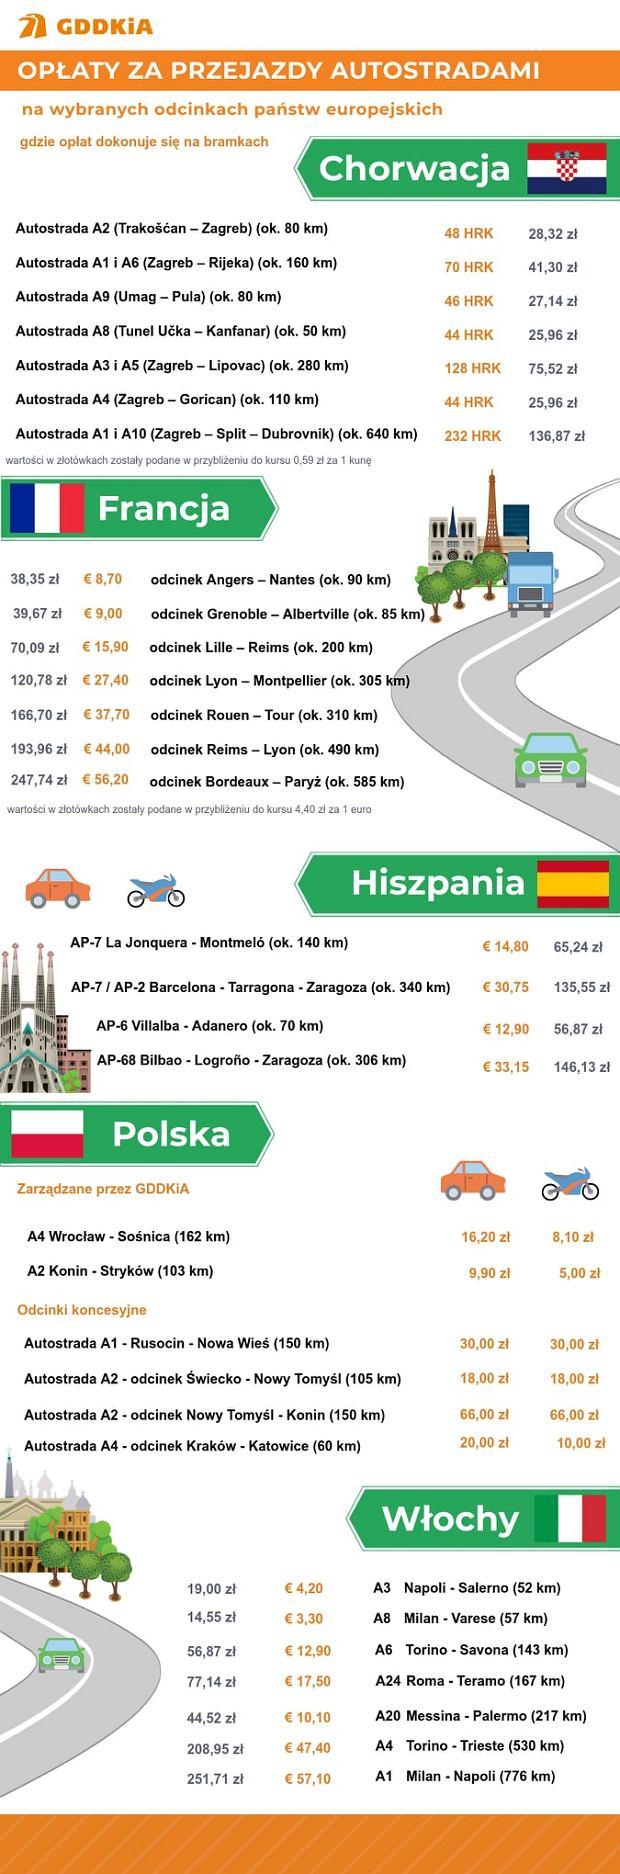 Opłaty za przejazd autostradami